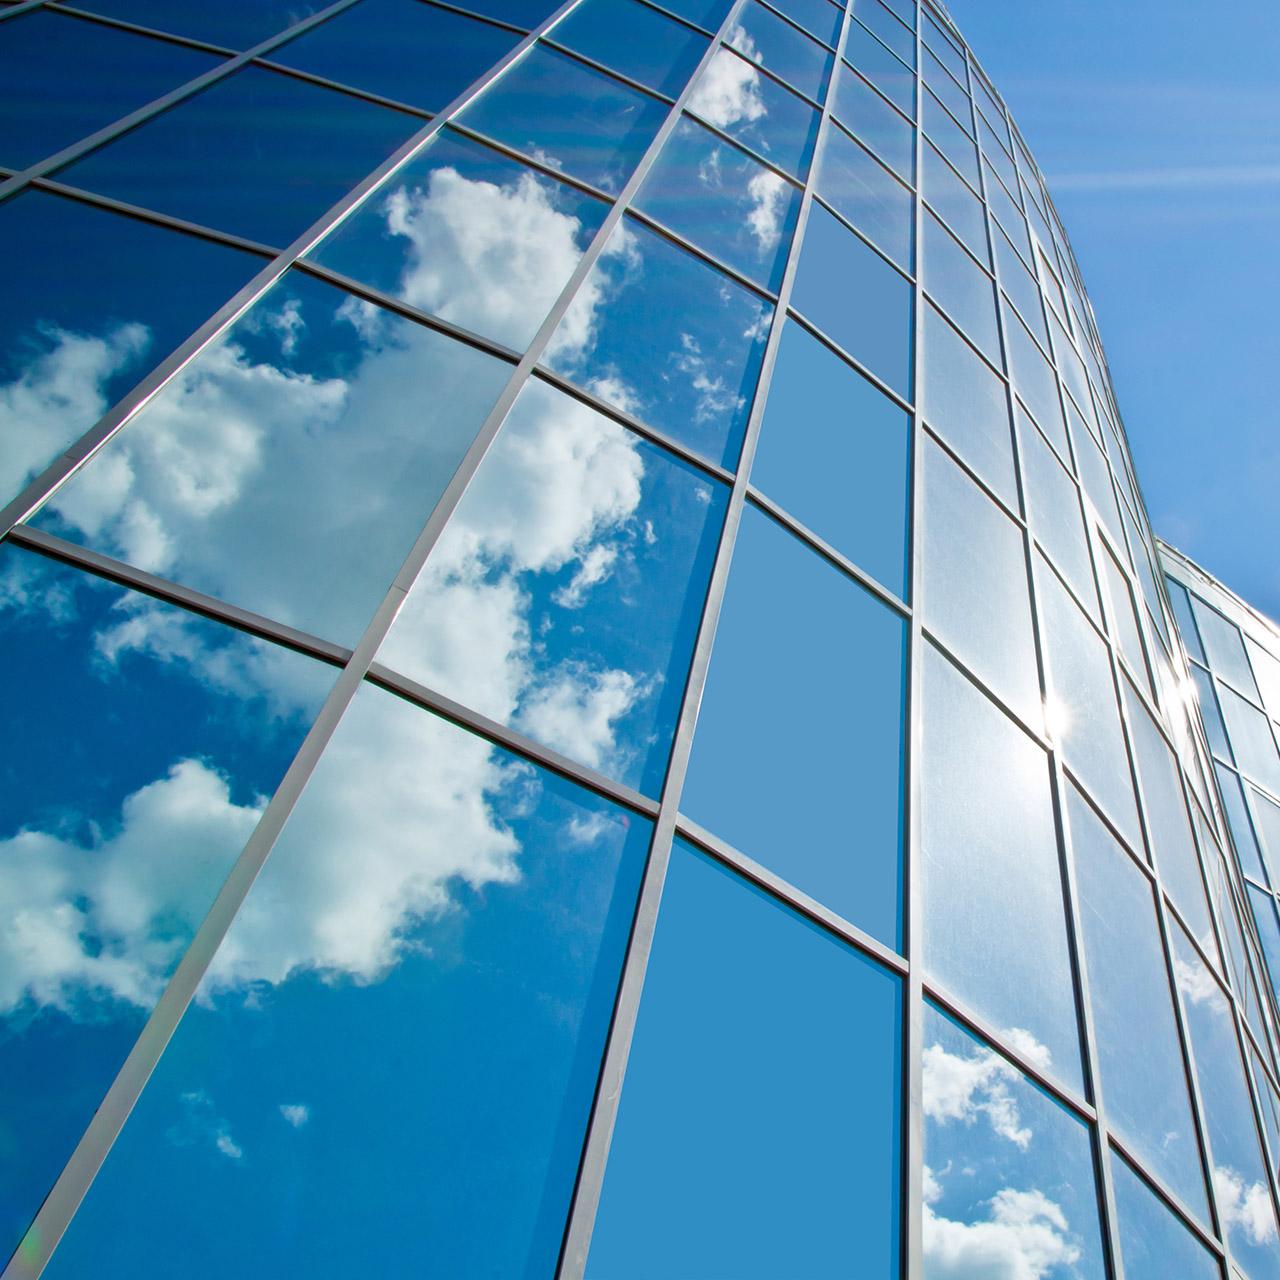 financial services cloud faq